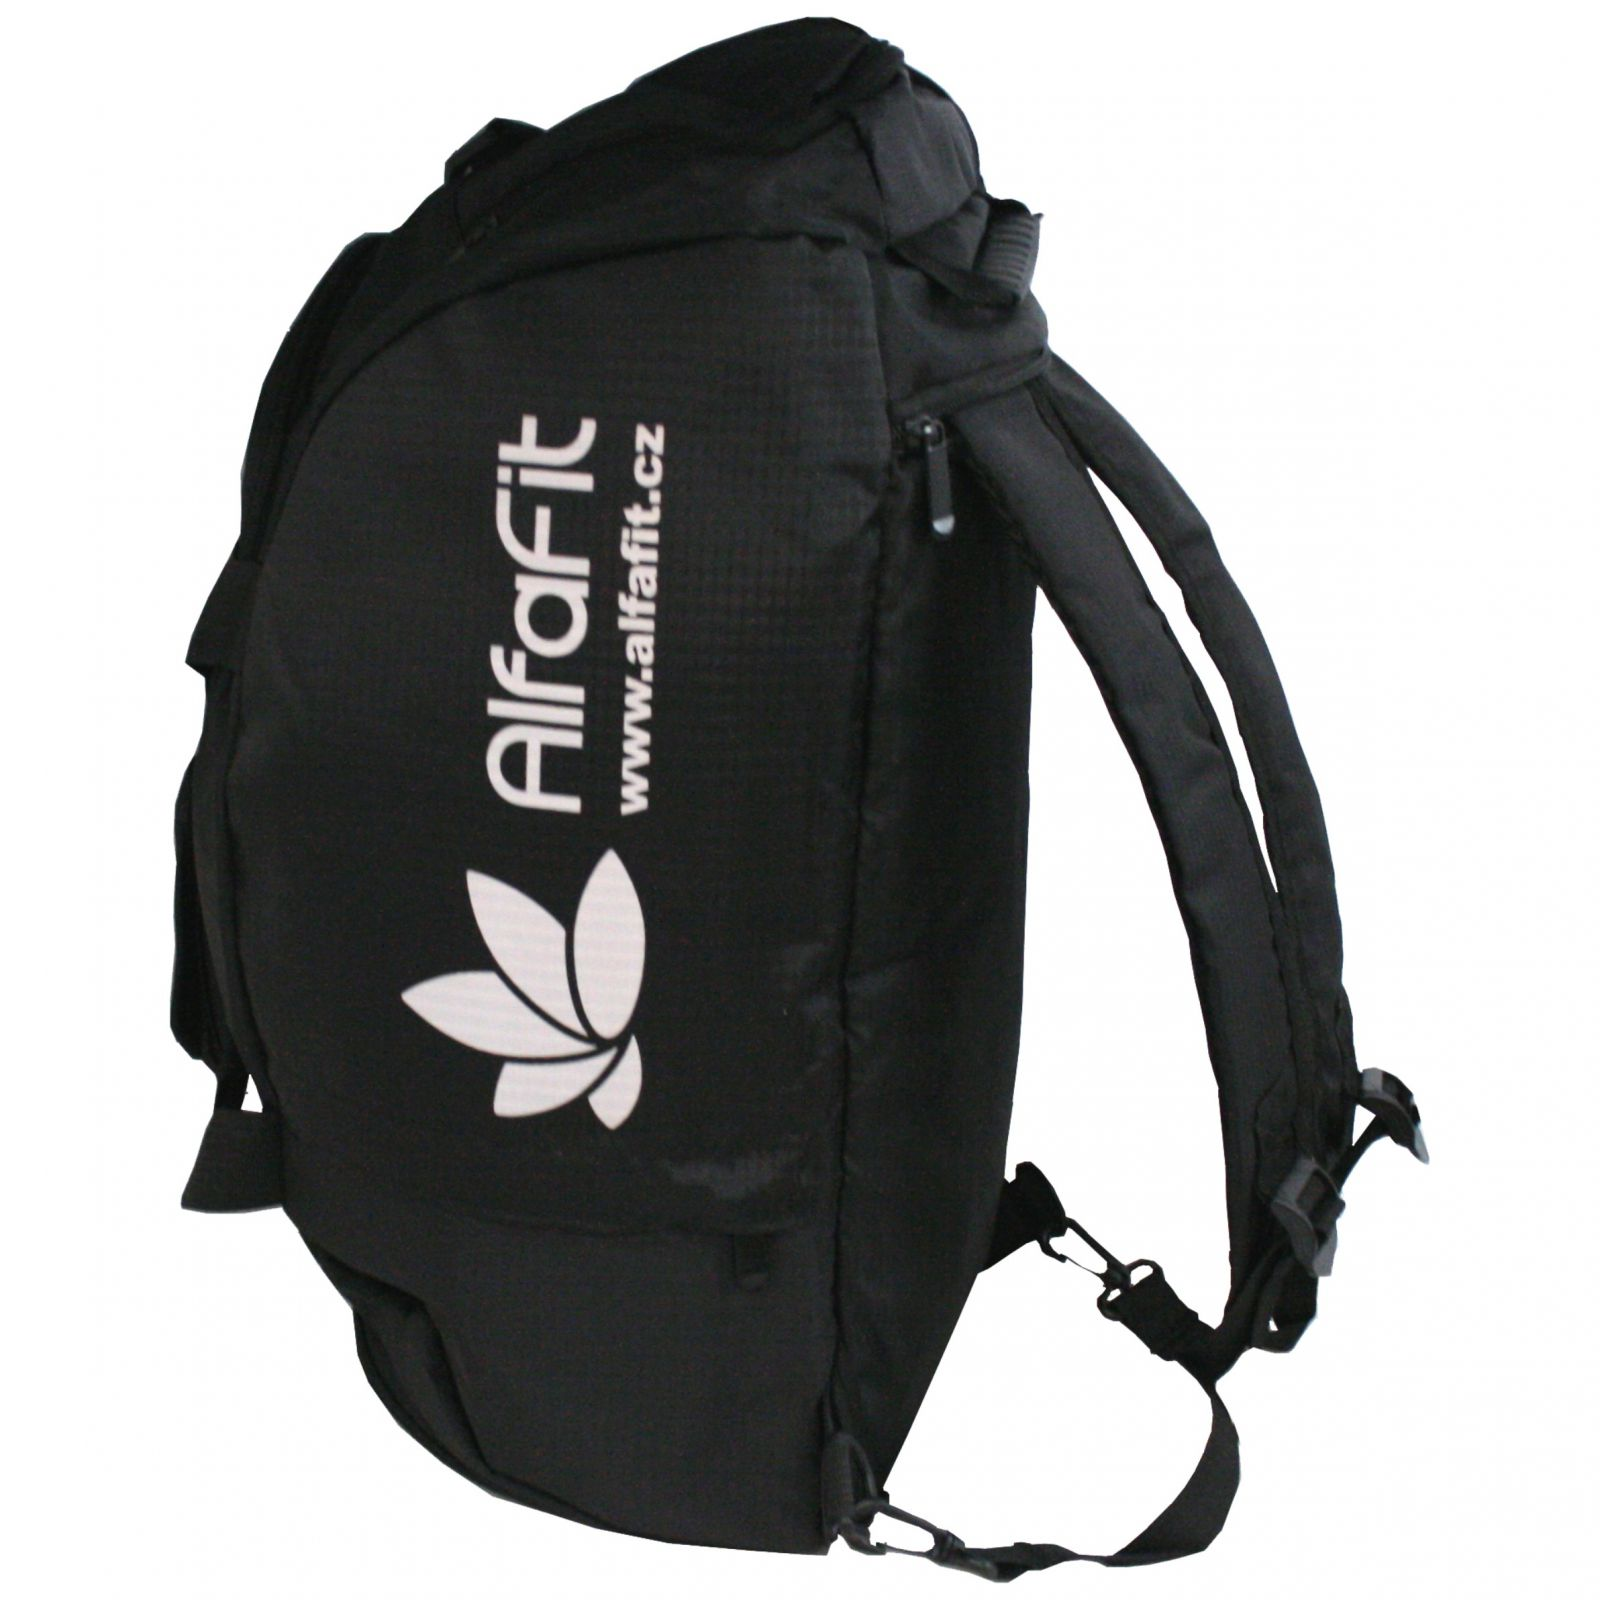 Malá sportovní taška Alfafit ─ černá 2